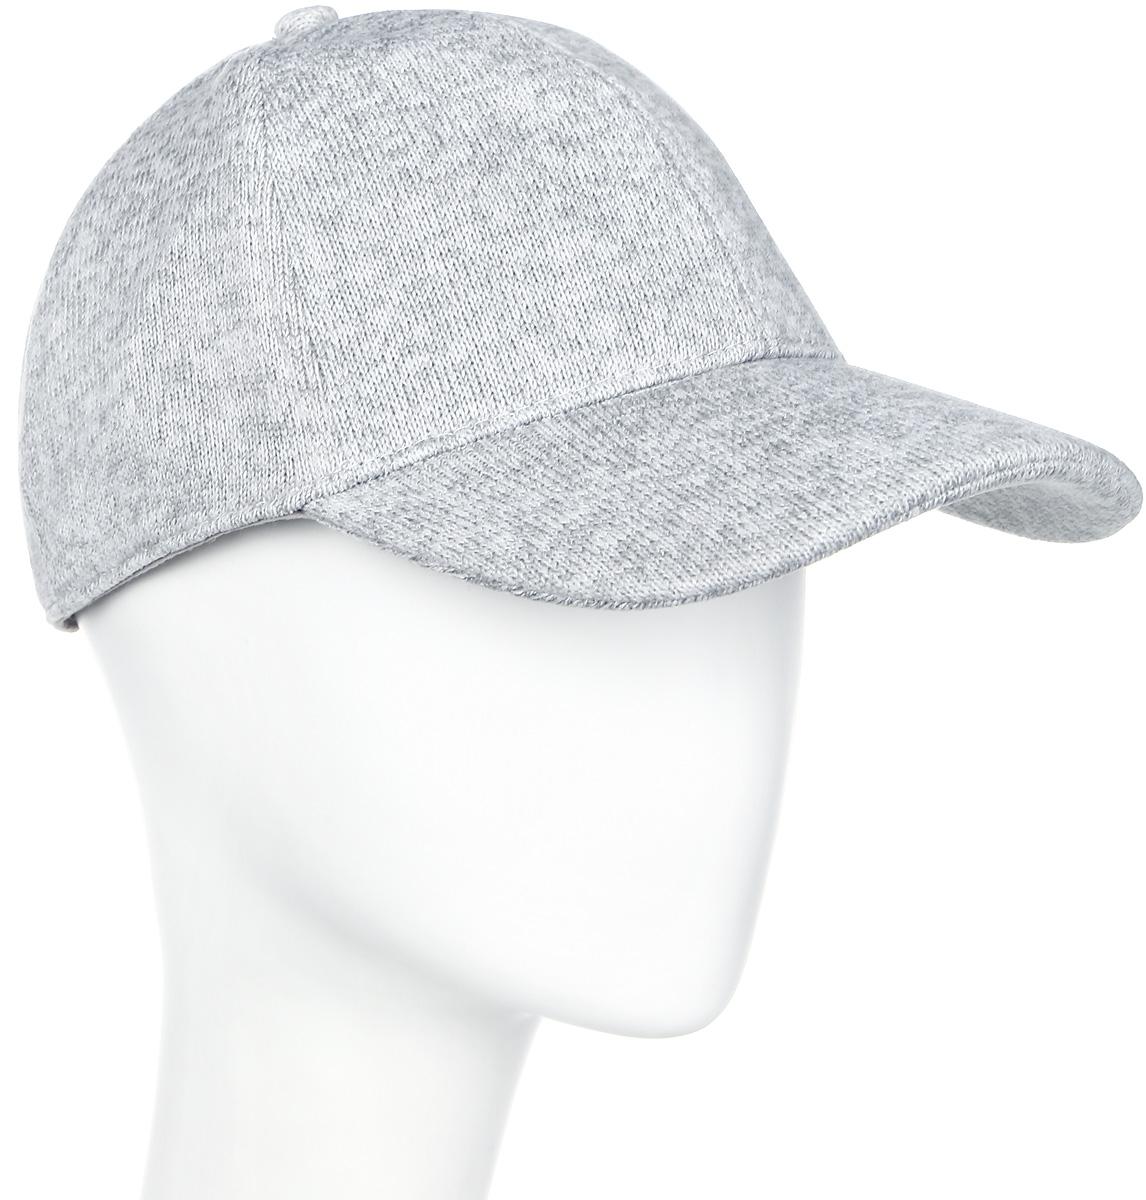 Купить Бейсболка мужская Icepeak, цвет: серый, белый. 858827872IV-811. Размер универсальный